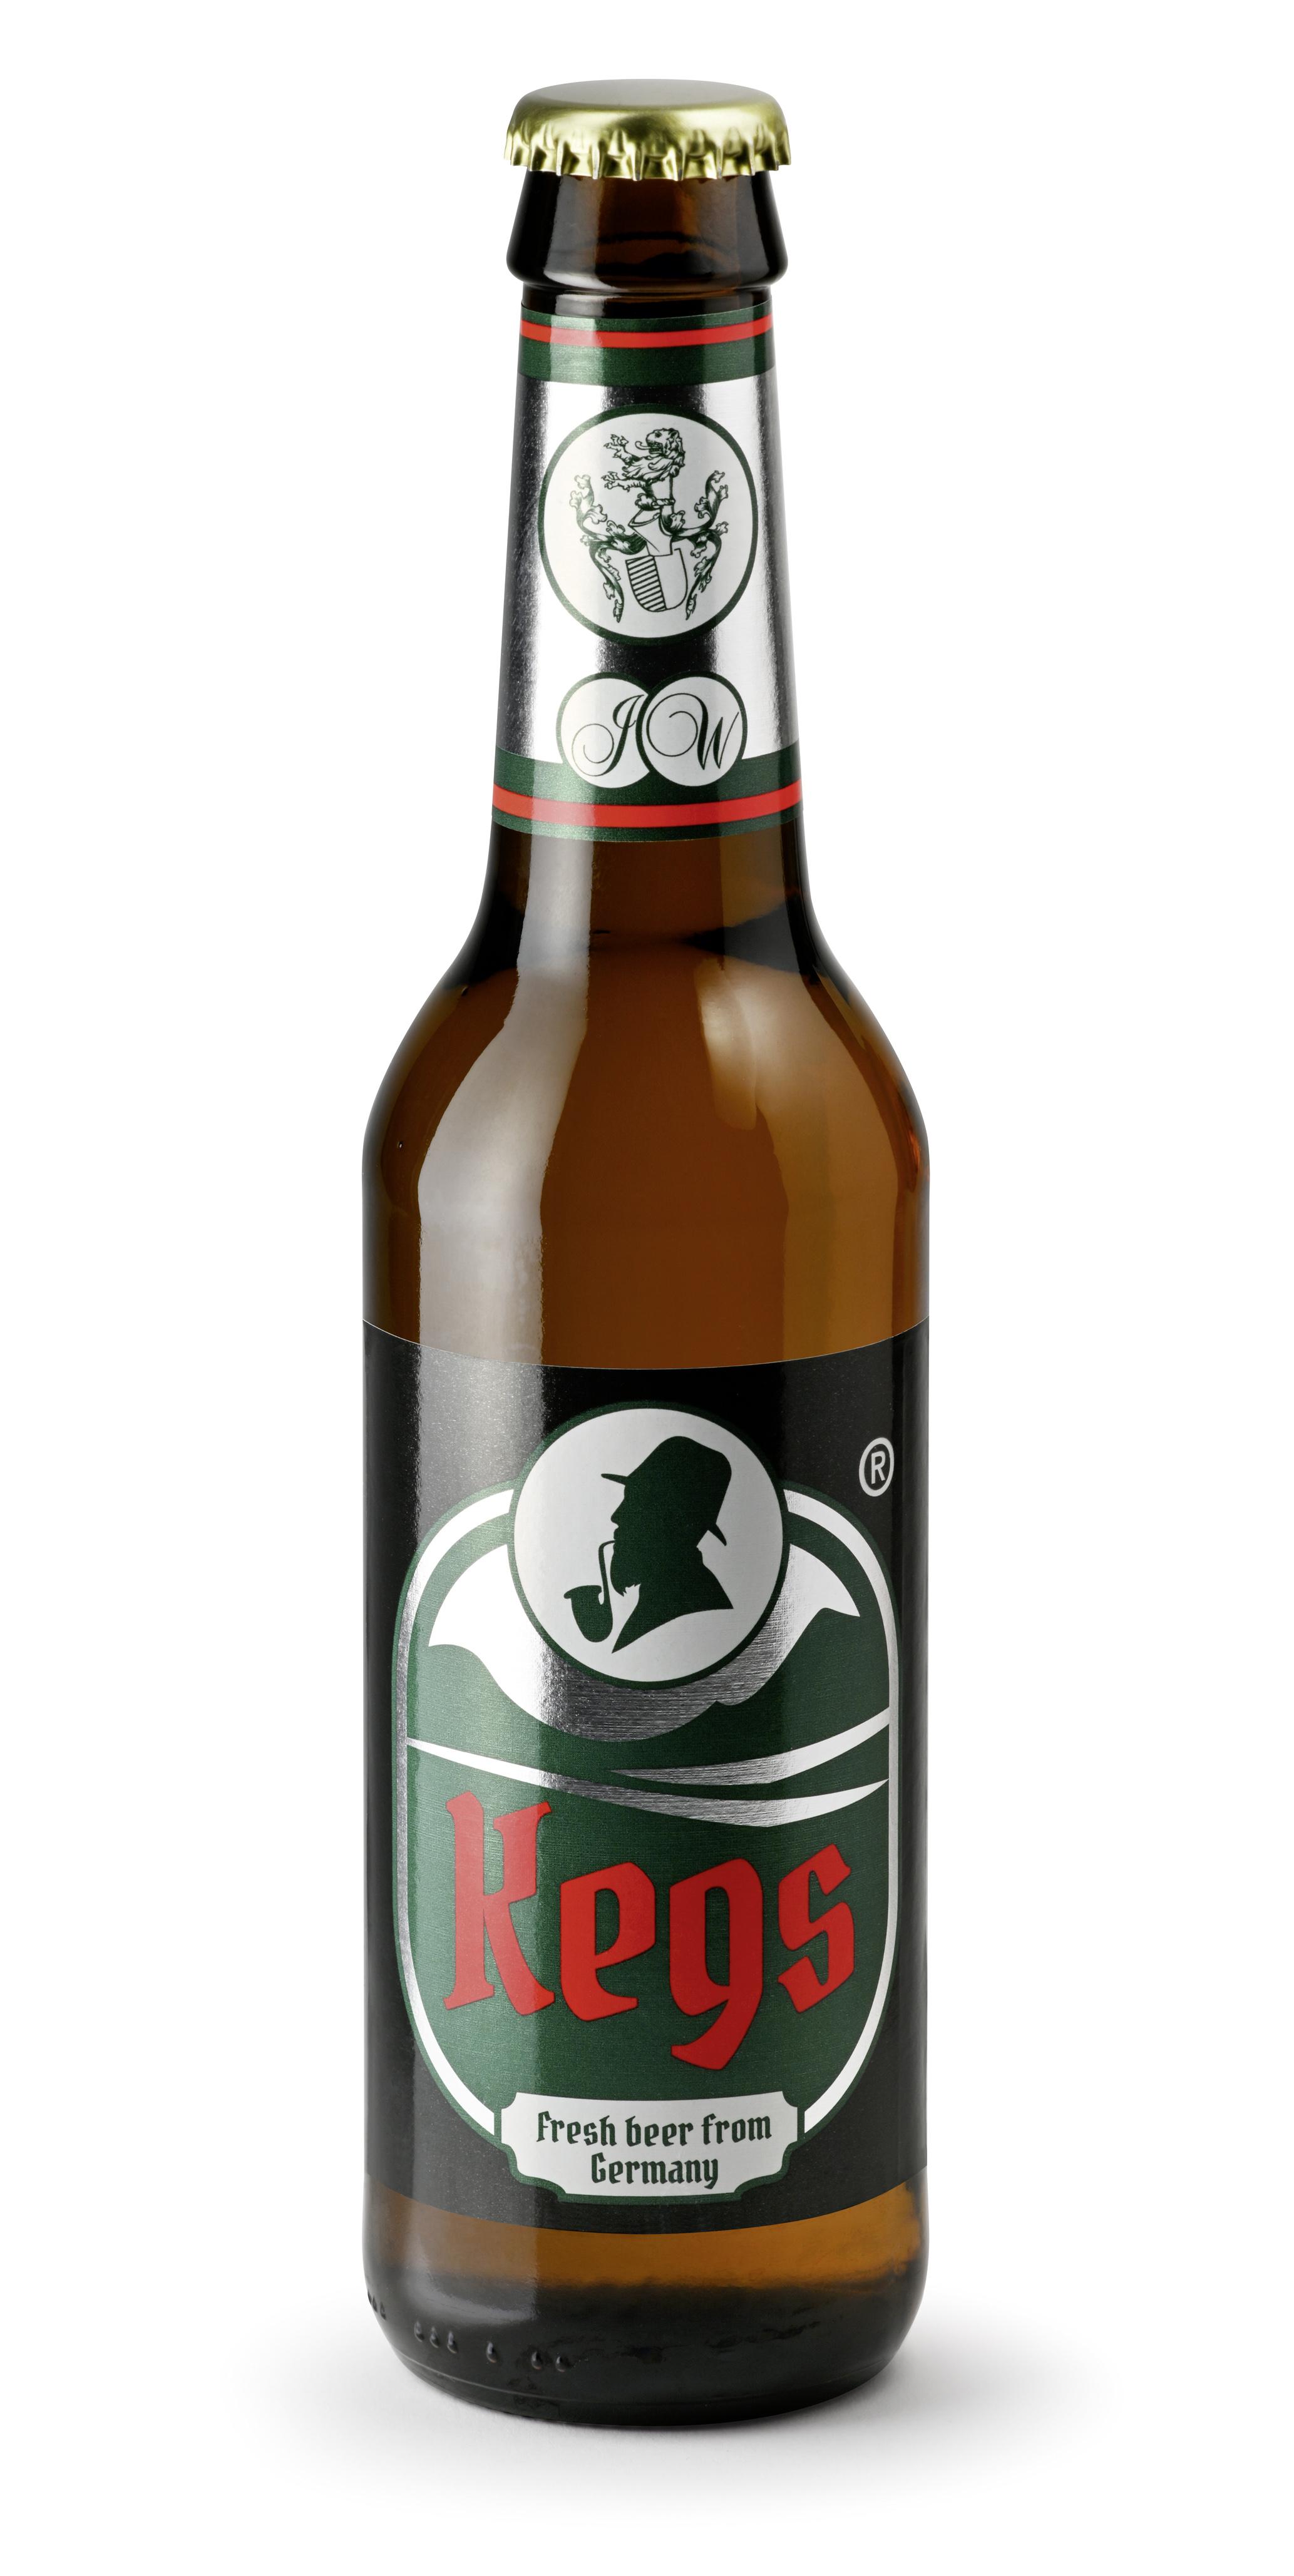 Kegs Bier 24 Fl x 0,33 ltr.